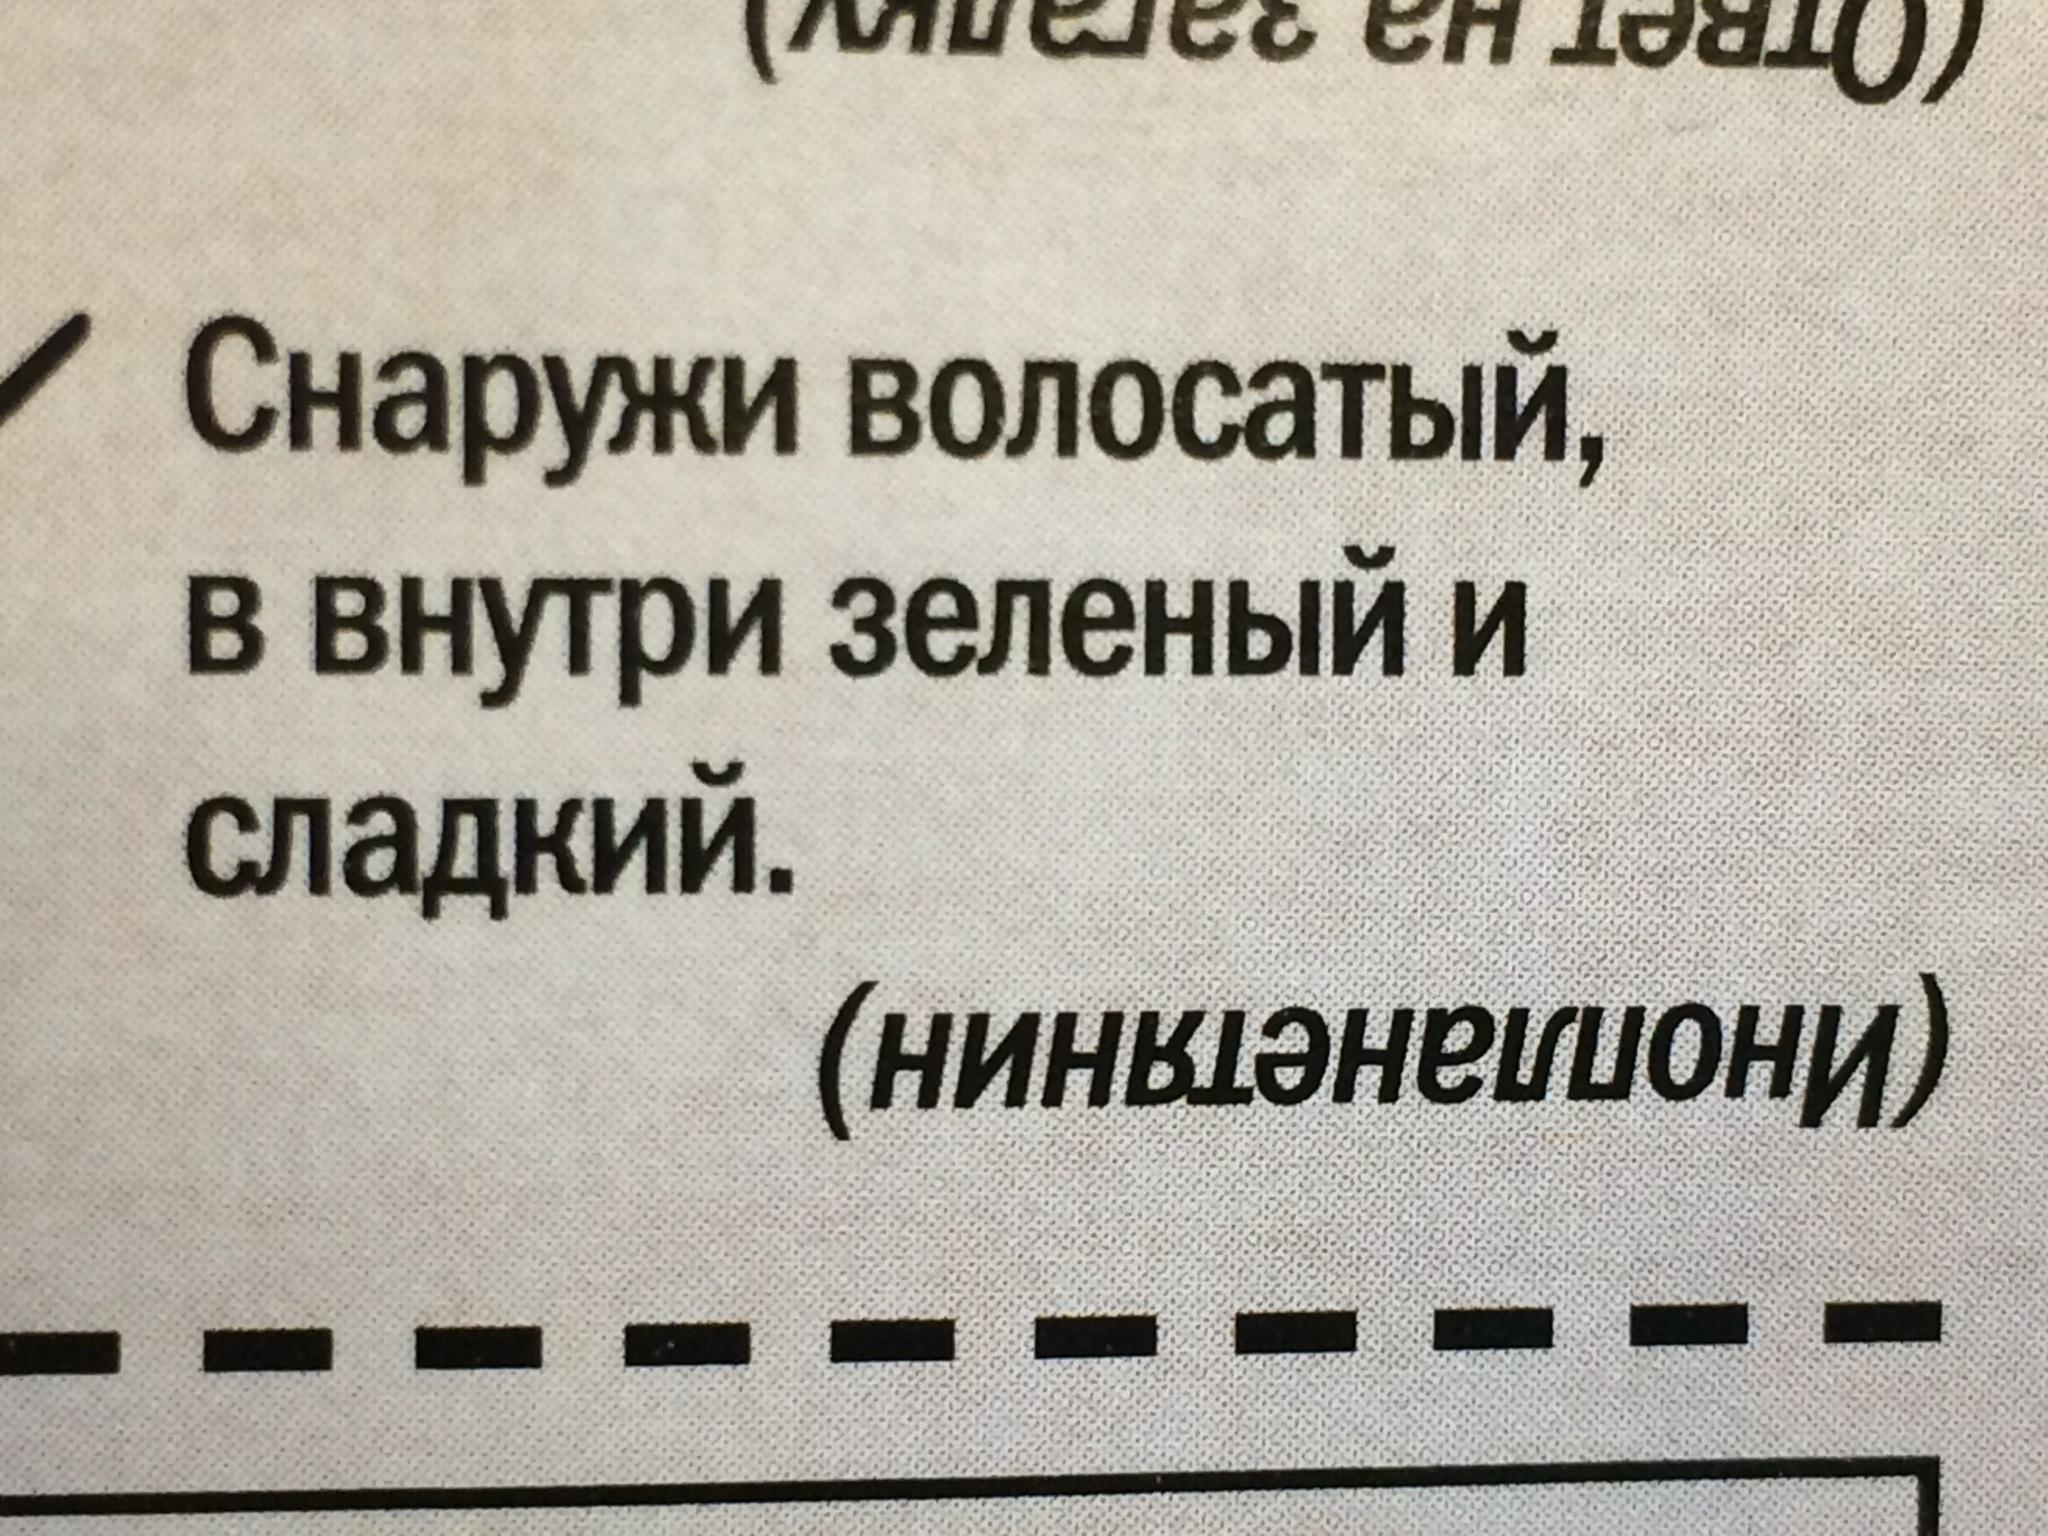 http://std3.ru/91/07/1413460470-91075a57ddb81146d9d72b7235cf980e.jpg